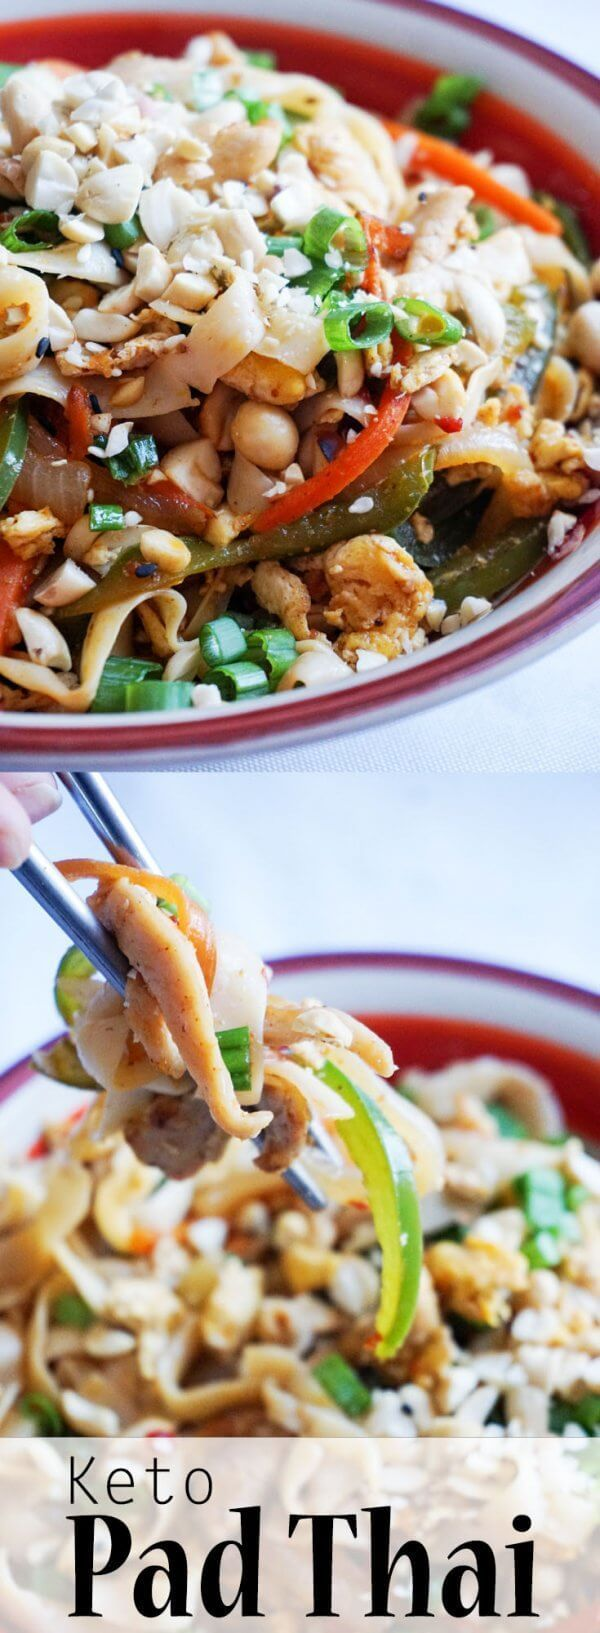 keto pad thai | recipe | recipes, keto diet recipes